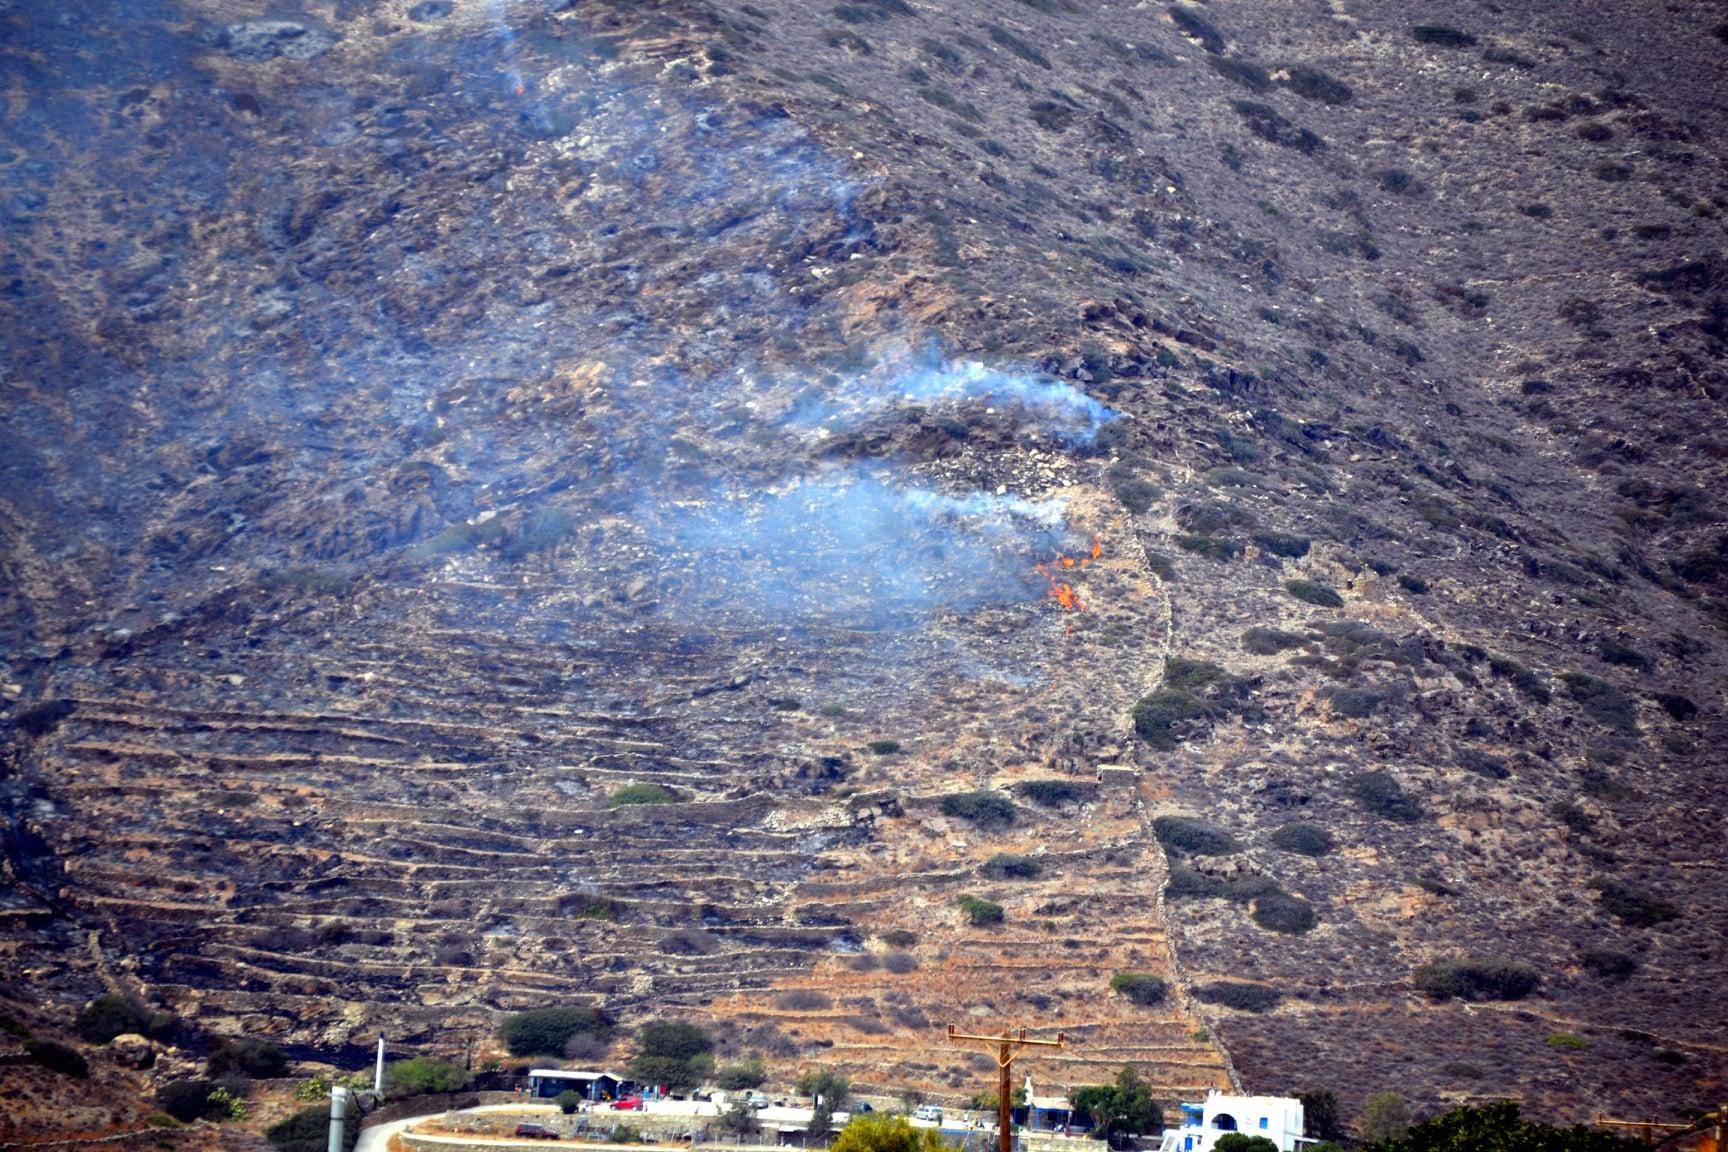 Πυρκαγιά στην Ίο – Ενισχύσεις από Νάξο (φωτο)